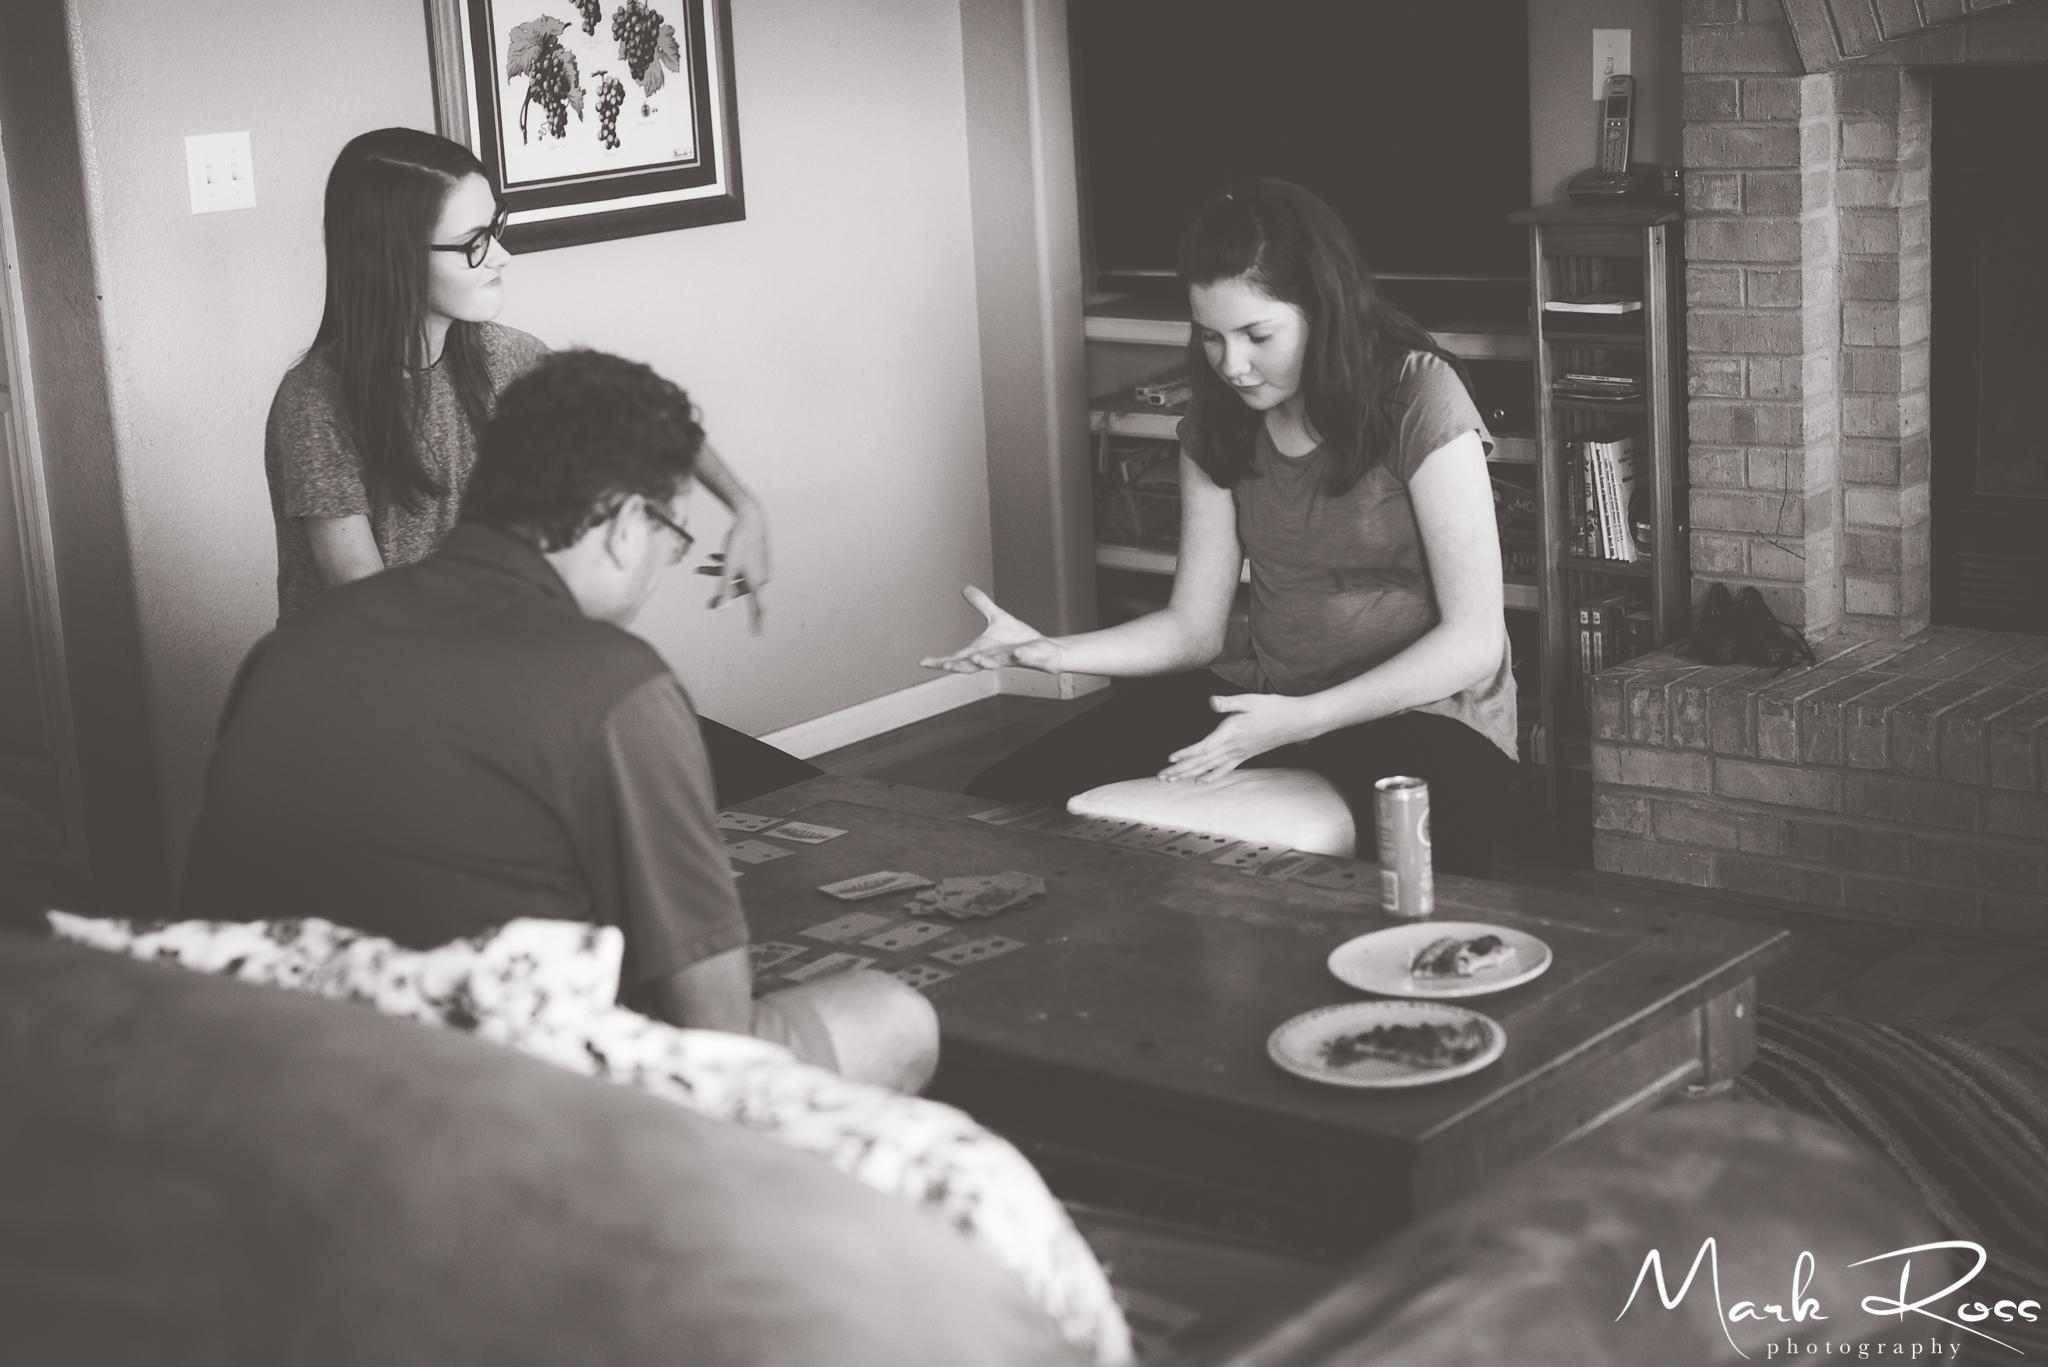 Denver-Family-Photographer-Mark-Ross-Photographer-Ahlstrand-Family-Watermarked-21.jpg